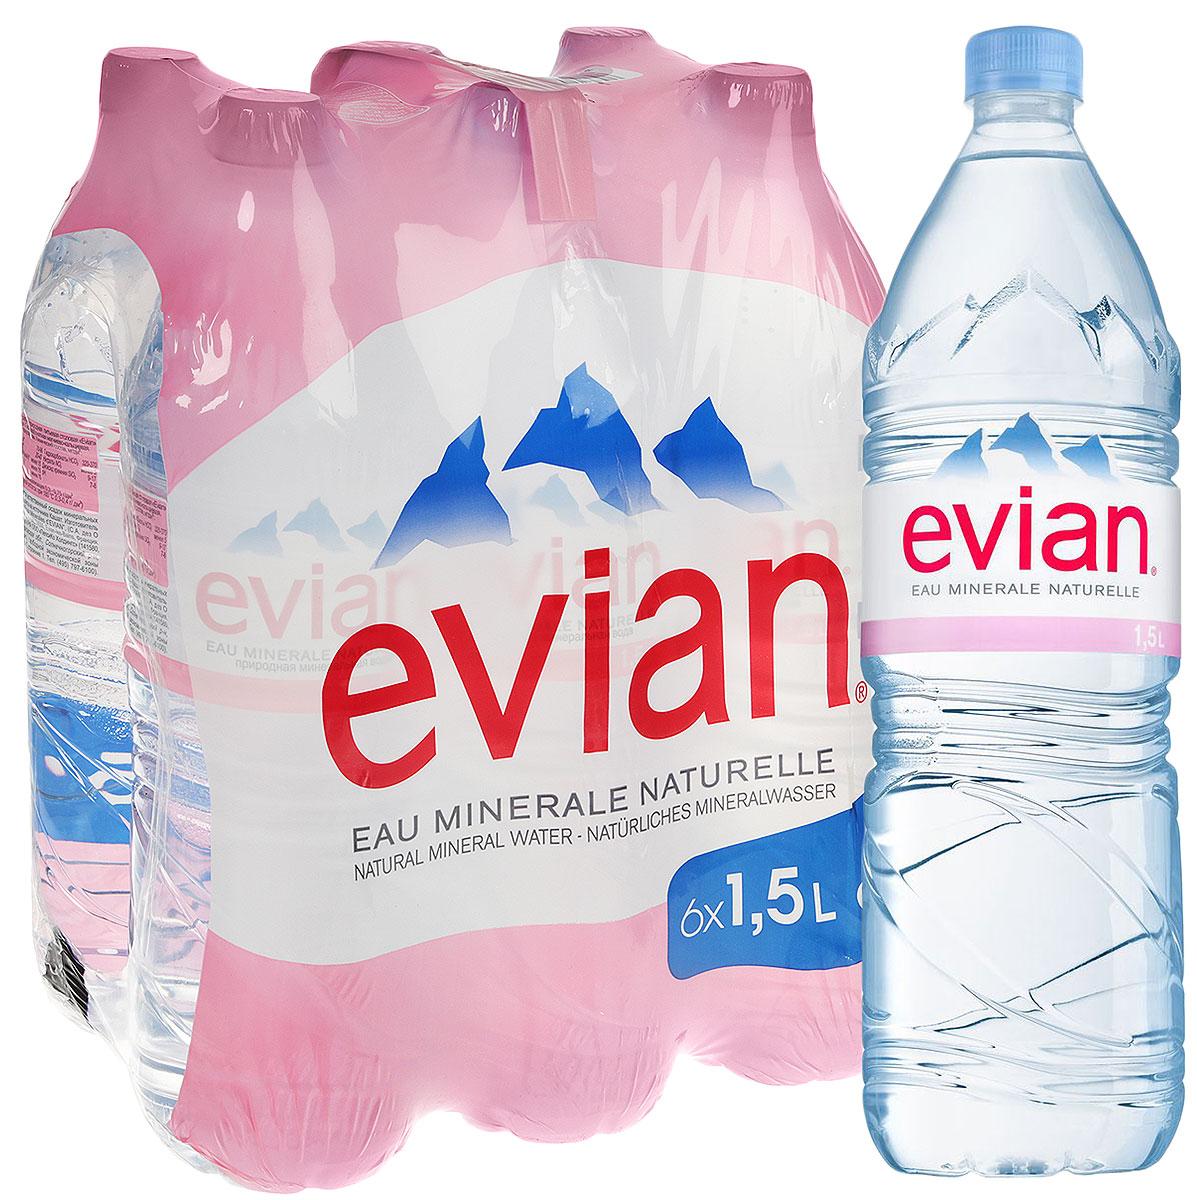 Evian вода минеральная природная столовая негазированная, 6 шт по 1,5 л340006983_блокиEvian - природная минеральная вода. Уникальный минеральный состав природной воды Evian способствует поддержанию водного баланса в организме. Формат 1,5 л прекрасно подойдет для потребления дома.О бренде:Источник Evian находится на бережно охраняемой территории, в самом сердце французских Альп. В процессе естественной фильтрации горными породами в течение 15 лет природная минеральная вода Evian приобретает уникальный сбалансированный минеральный состав и, непосредственно у источника, разливается в бутылки.